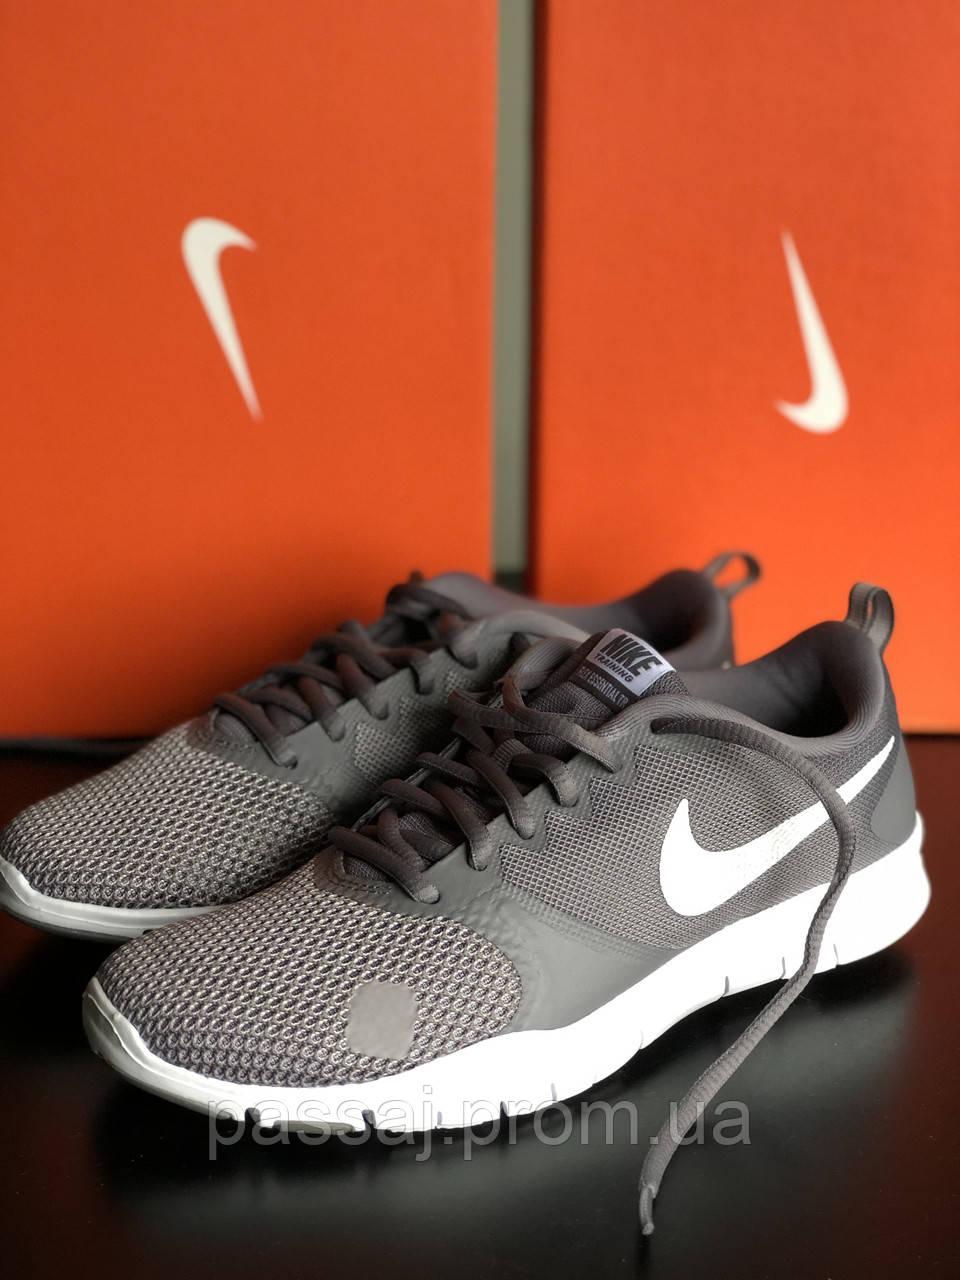 Оригинальные кроссовки nike спортивные и легкие